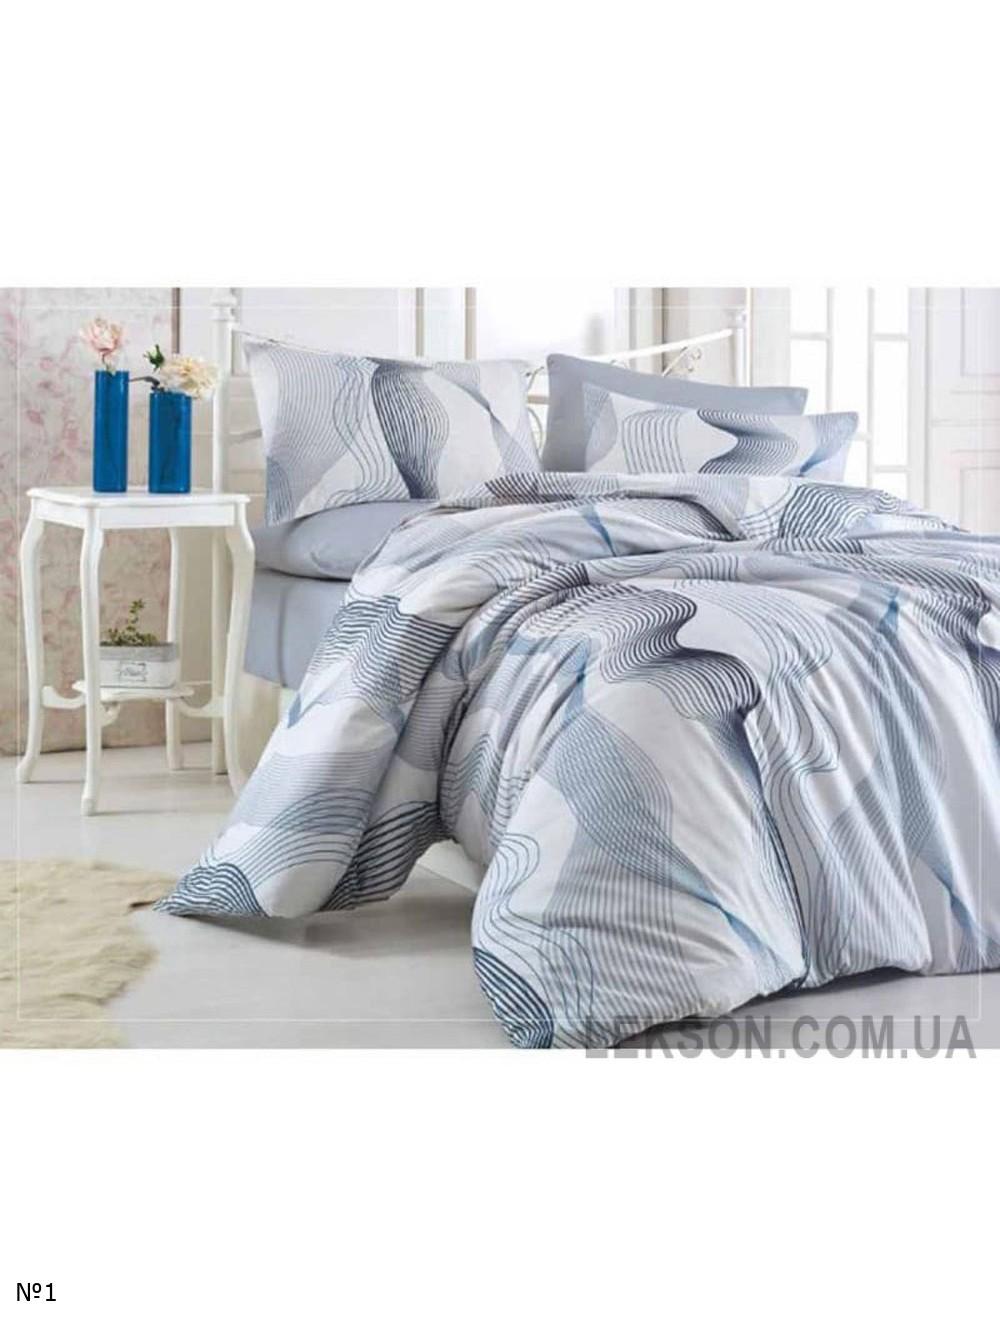 Комплект постельного белья Majoli Ranfors №10265